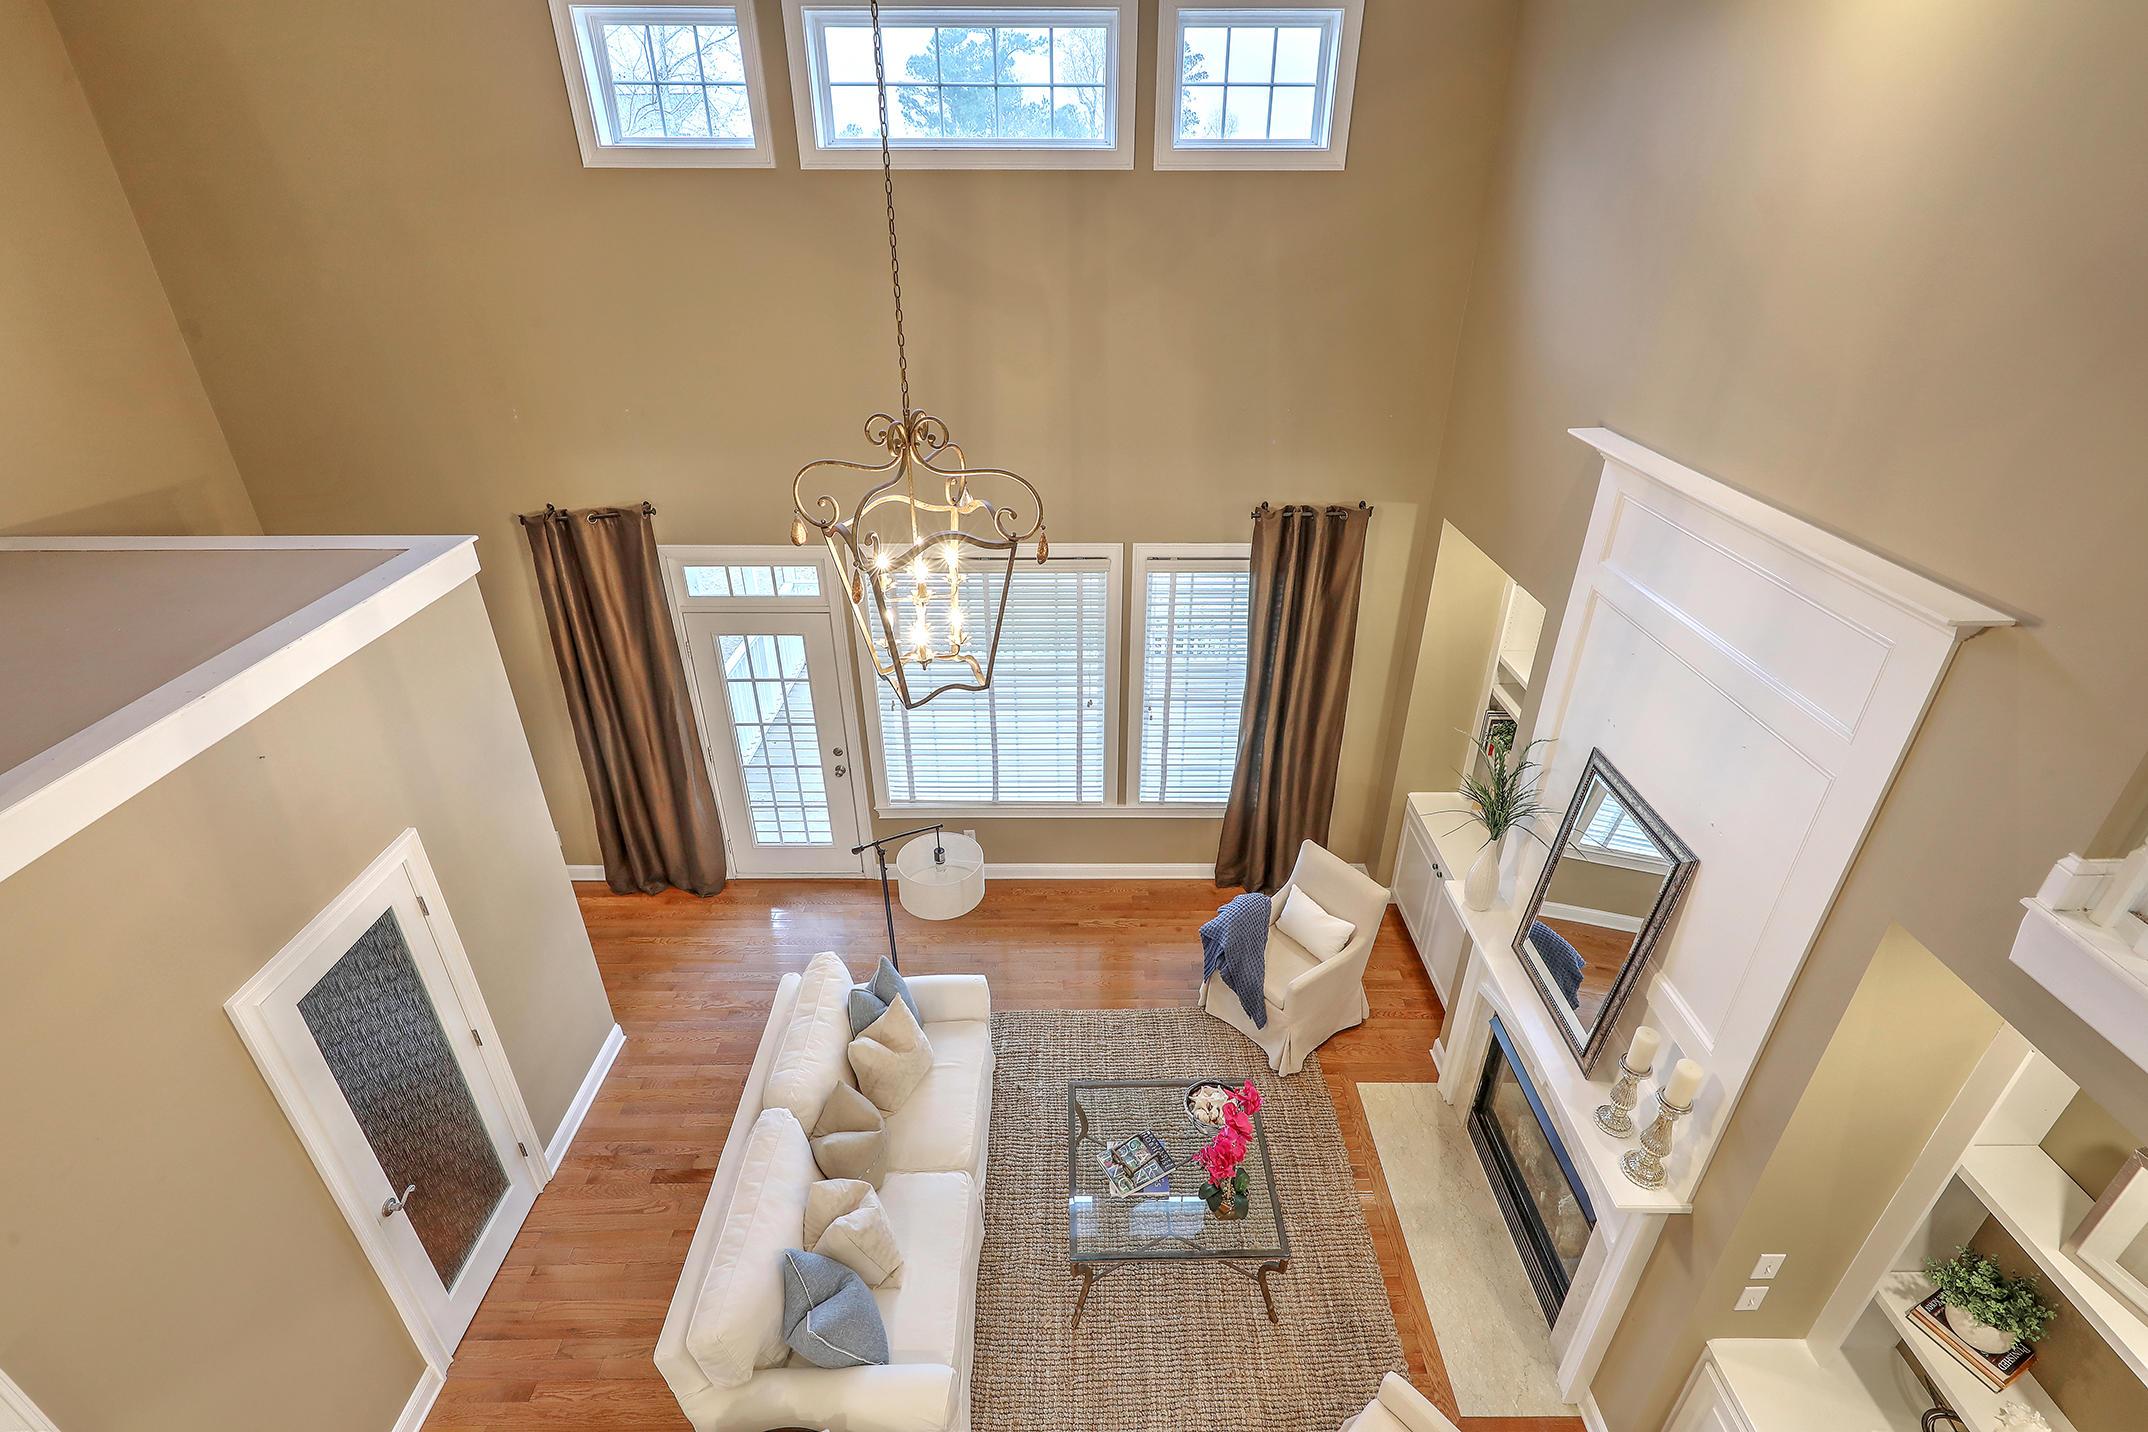 Dunes West Homes For Sale - 2817 Oak Manor, Mount Pleasant, SC - 46